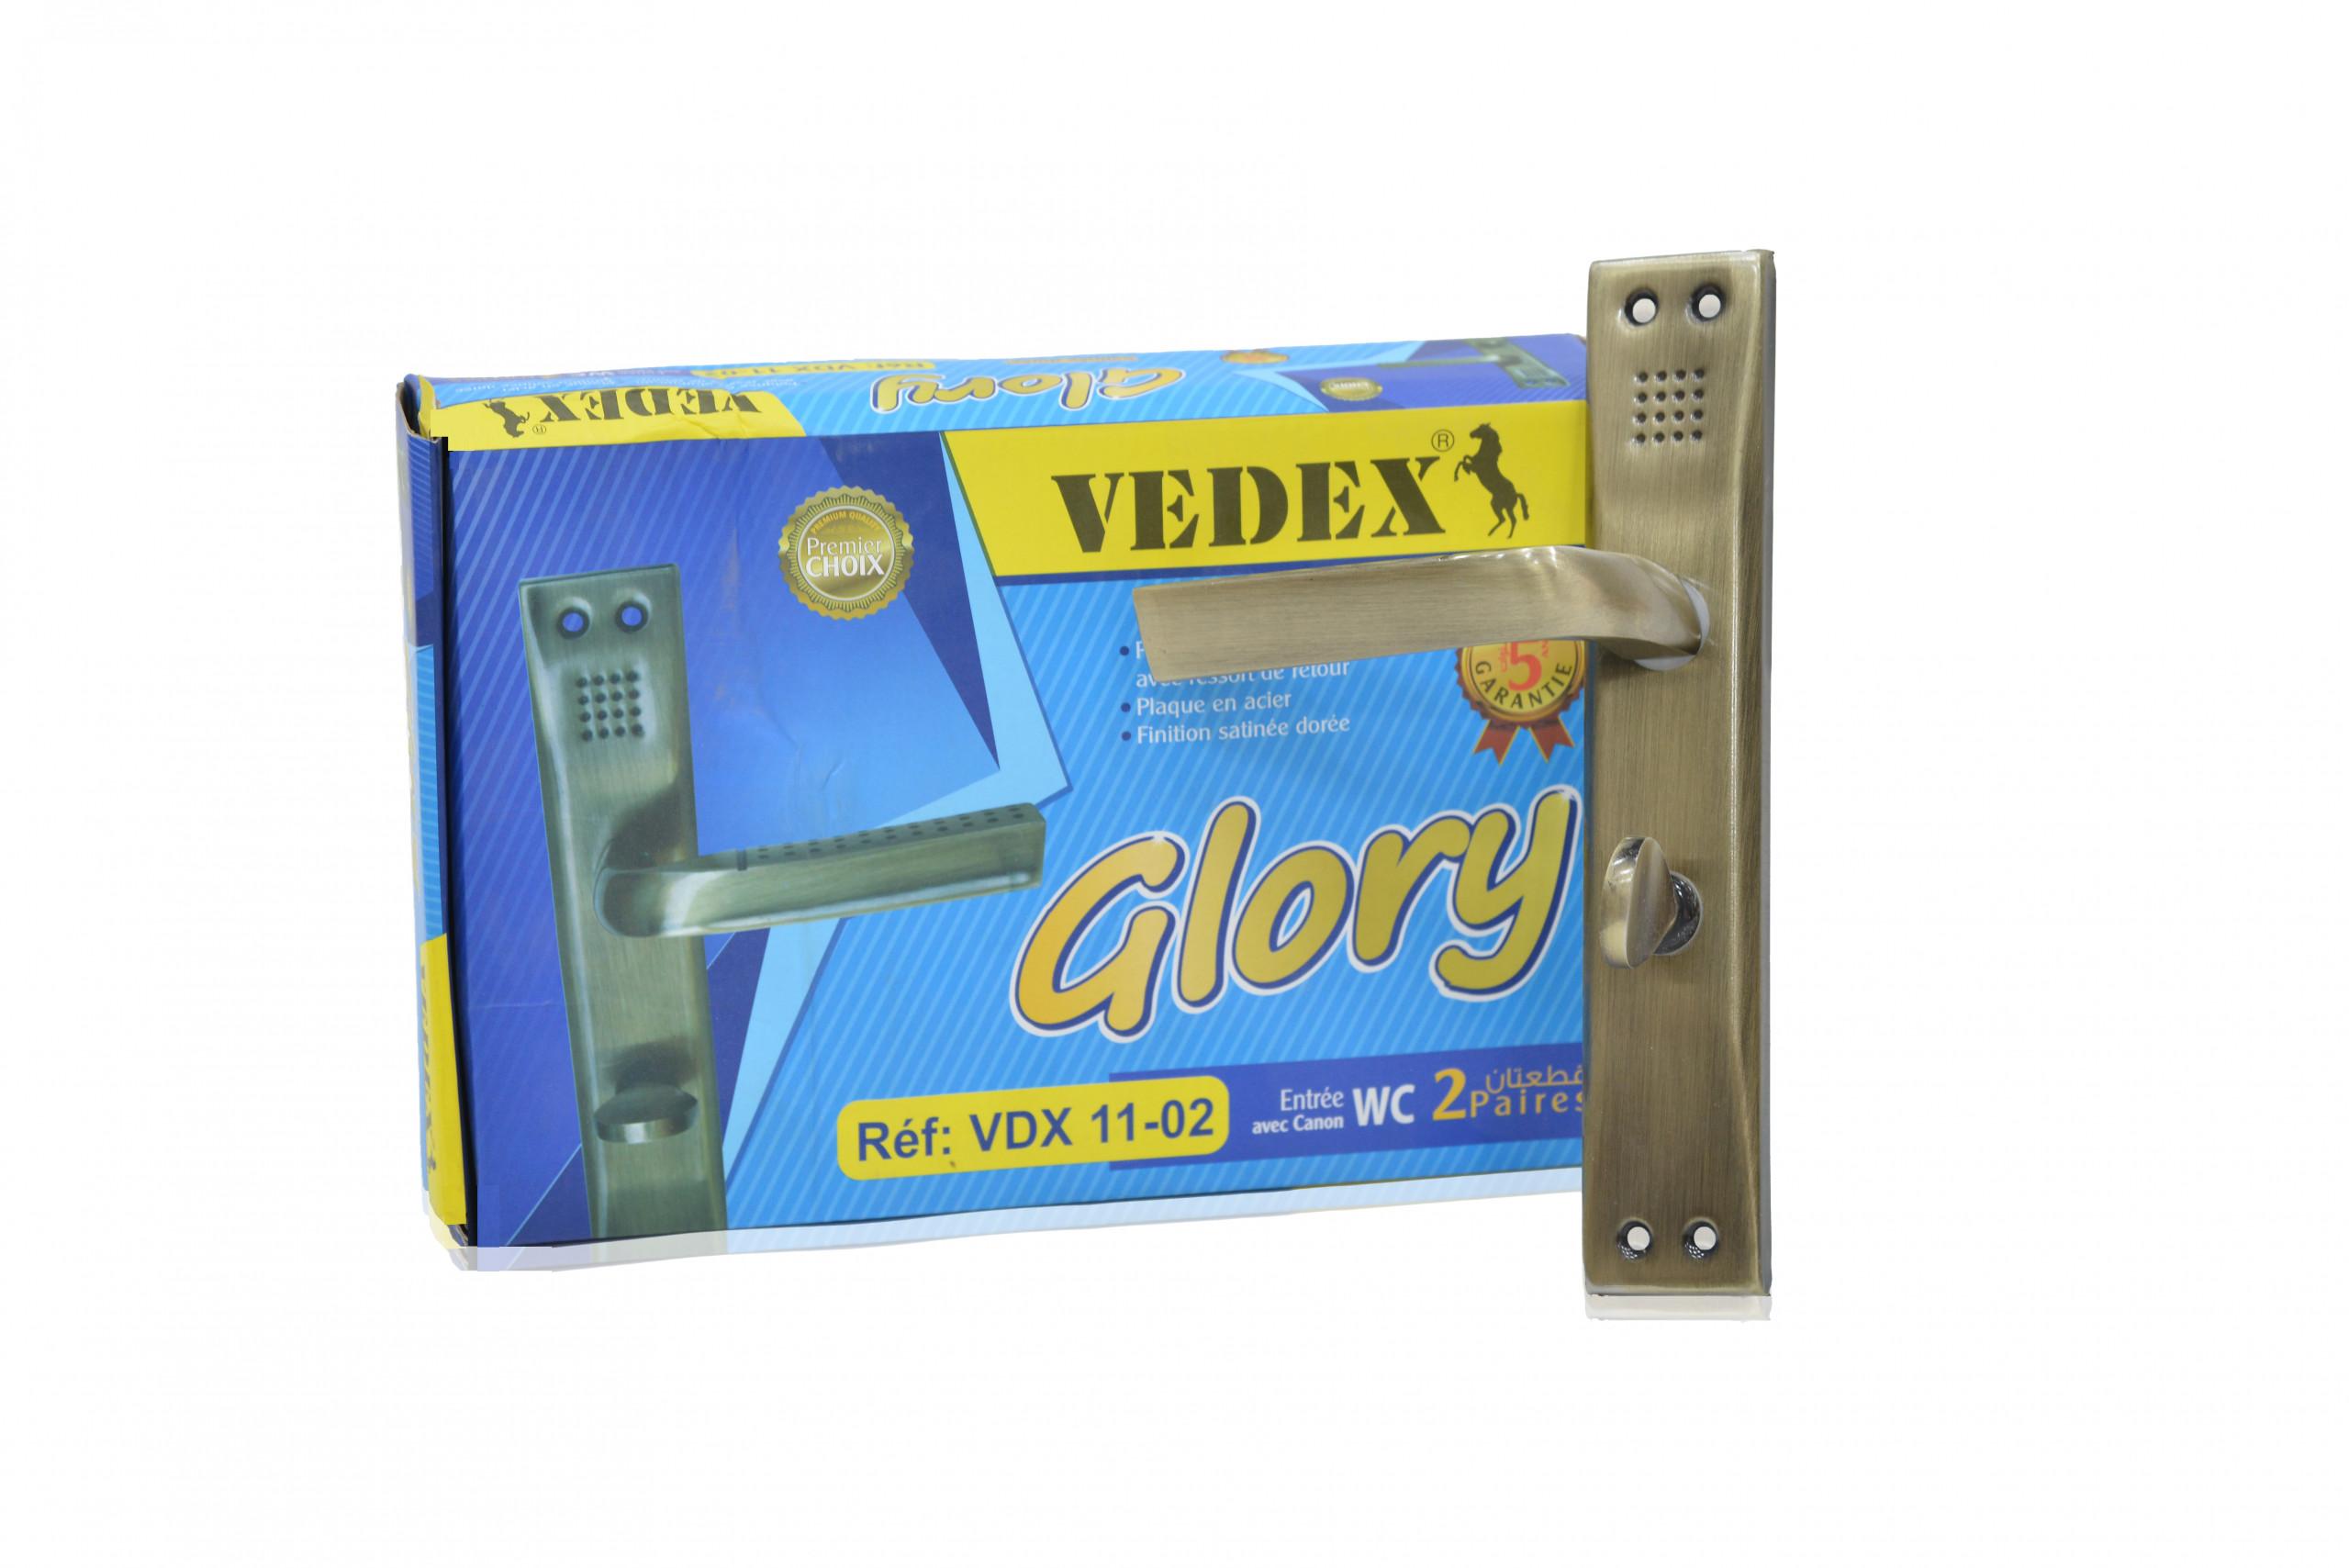 POIGNEE VEDEX GLORY BRONZE WC 11-02